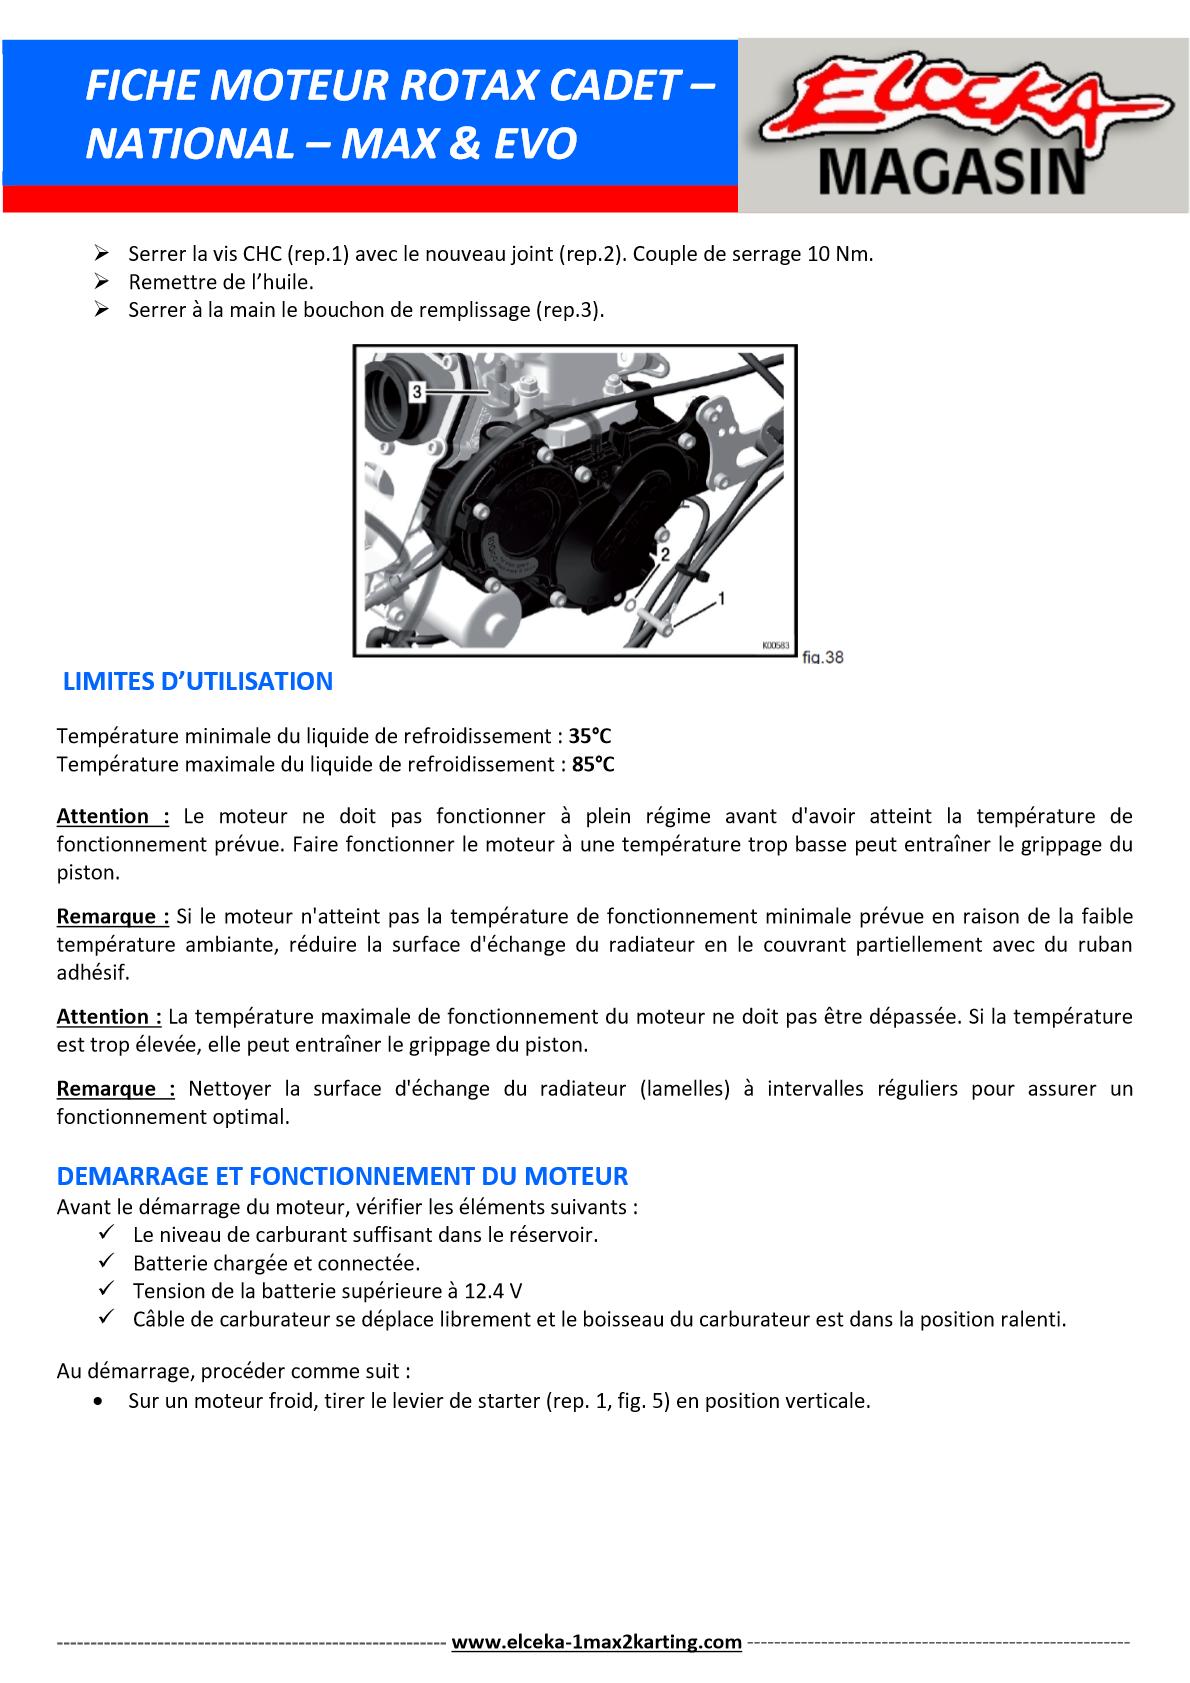 FICHE MOTEUR ROTAX PAGE 2 SUR 5